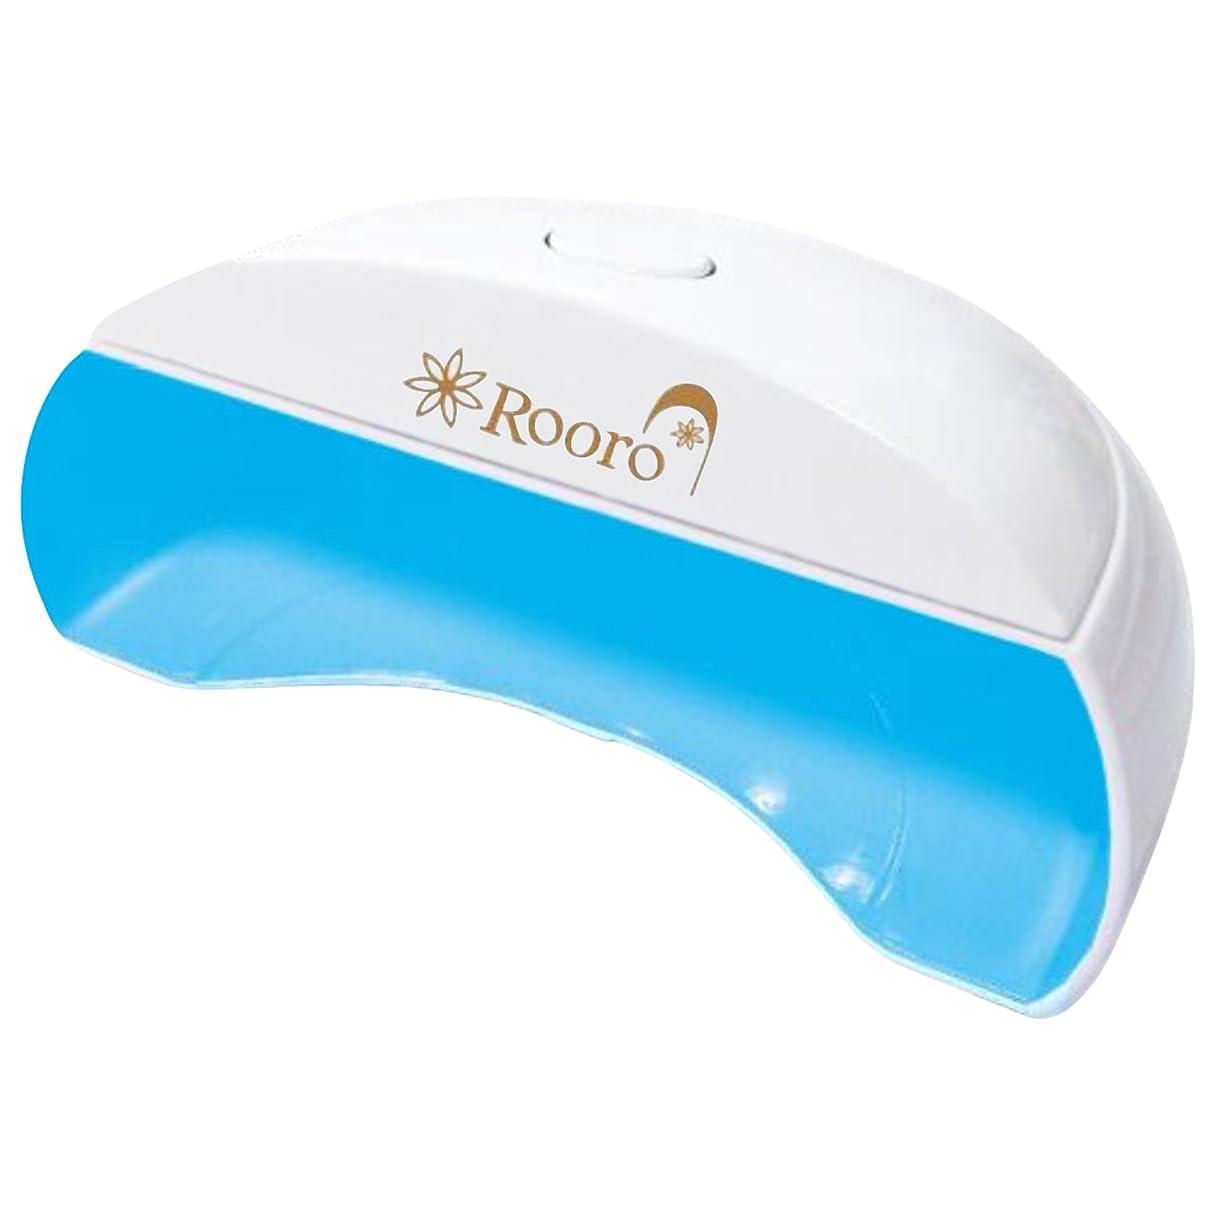 ファッション有限義務づけるHigh Quality TIP LED LIGHT LEDライト 5W RO-LEDPK タイマー付/ネイル/フットネイル/USB対応